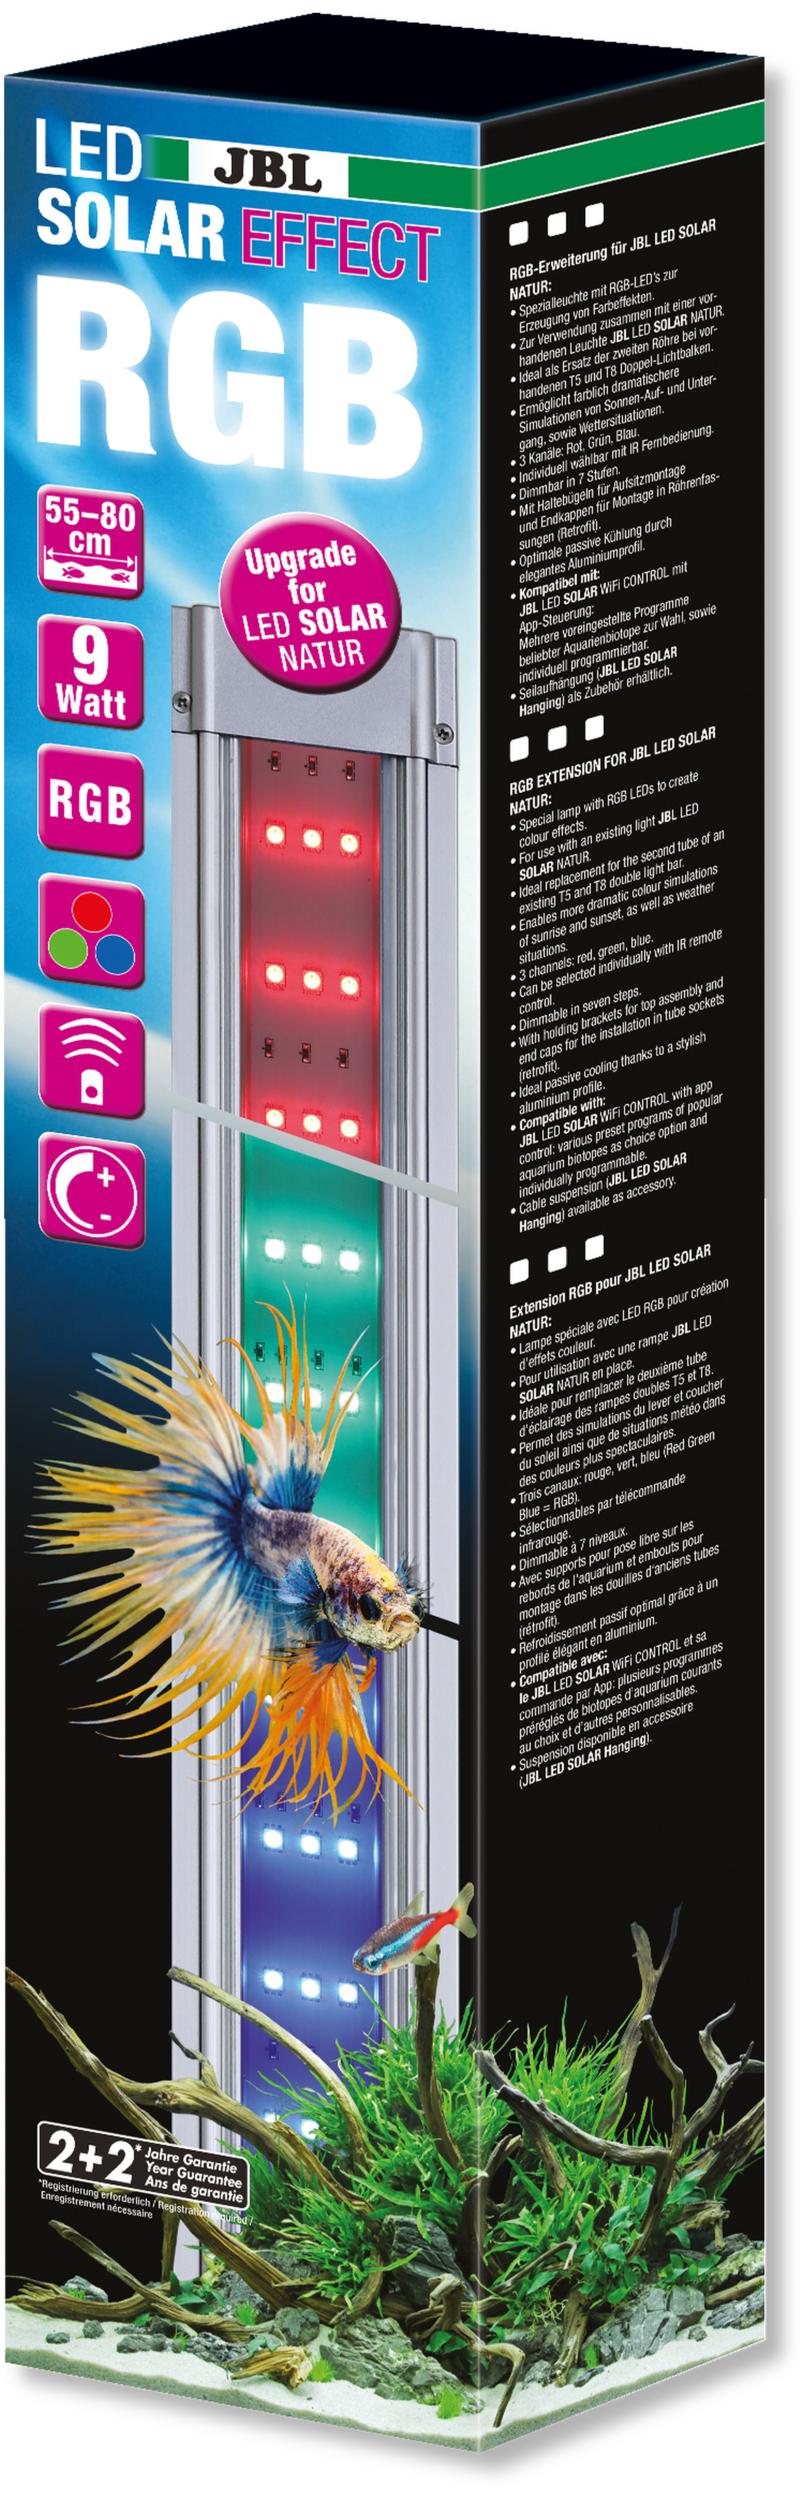 JBL LED Solar Effect 9W rampe complémentaire aquarium Eau douce de 55 à 80 cm ou remplace tube T5 et T8